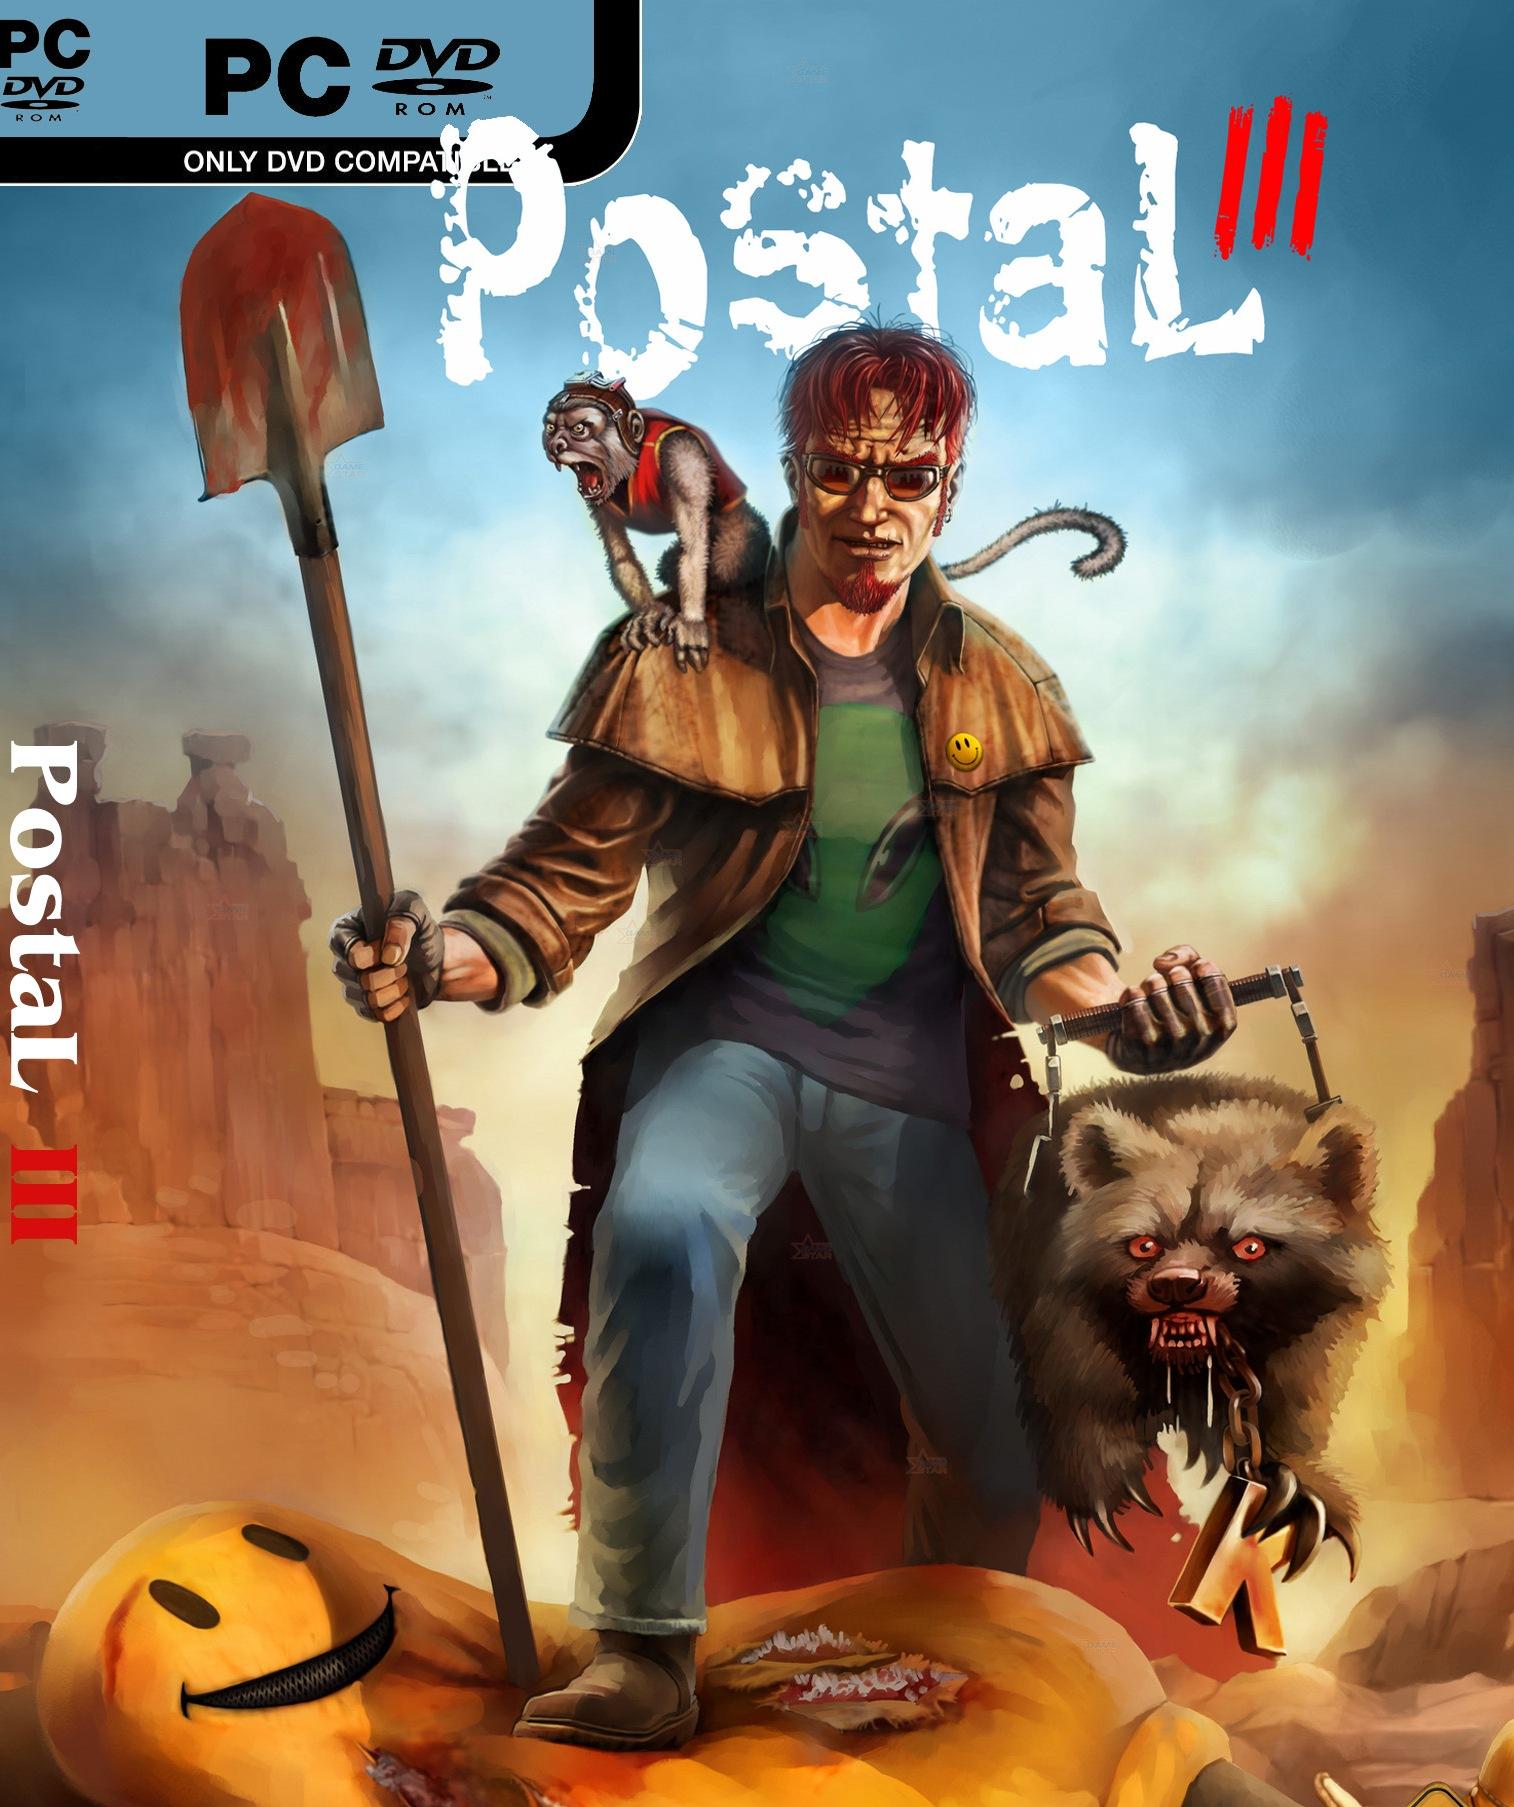 Бесплатно скачать Postal 3 (PC/2011/RUS) + Crack без регистрации.